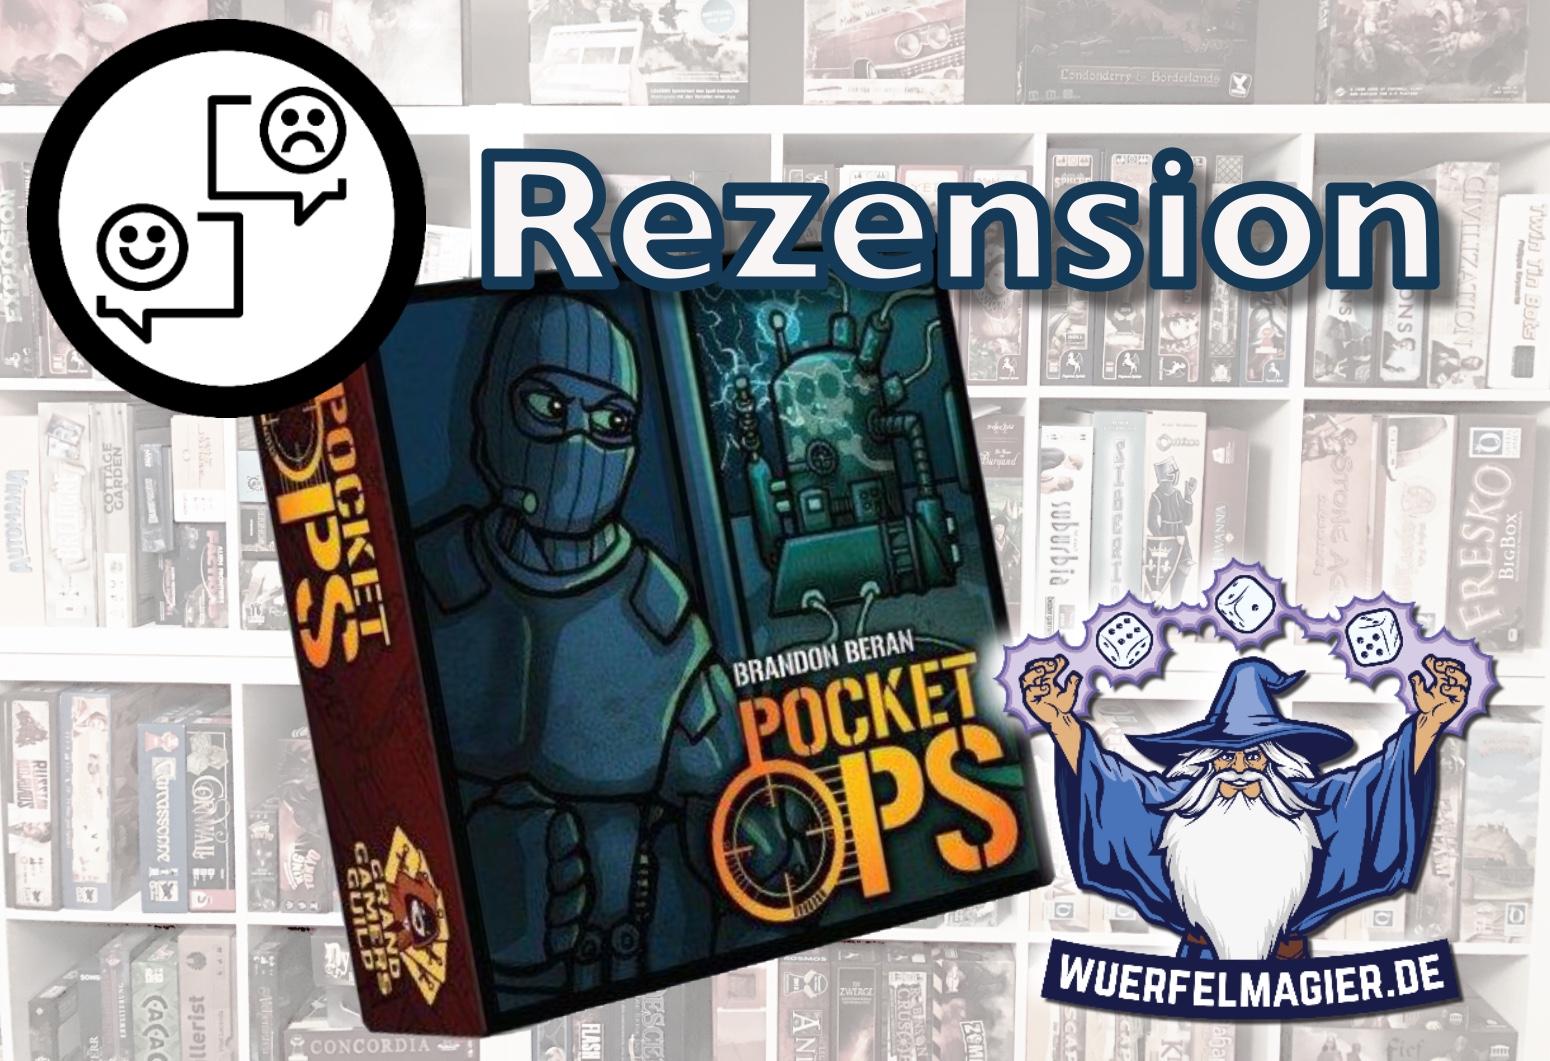 Rezension Wuerfelmagier Würfelmagier Pocket Ops